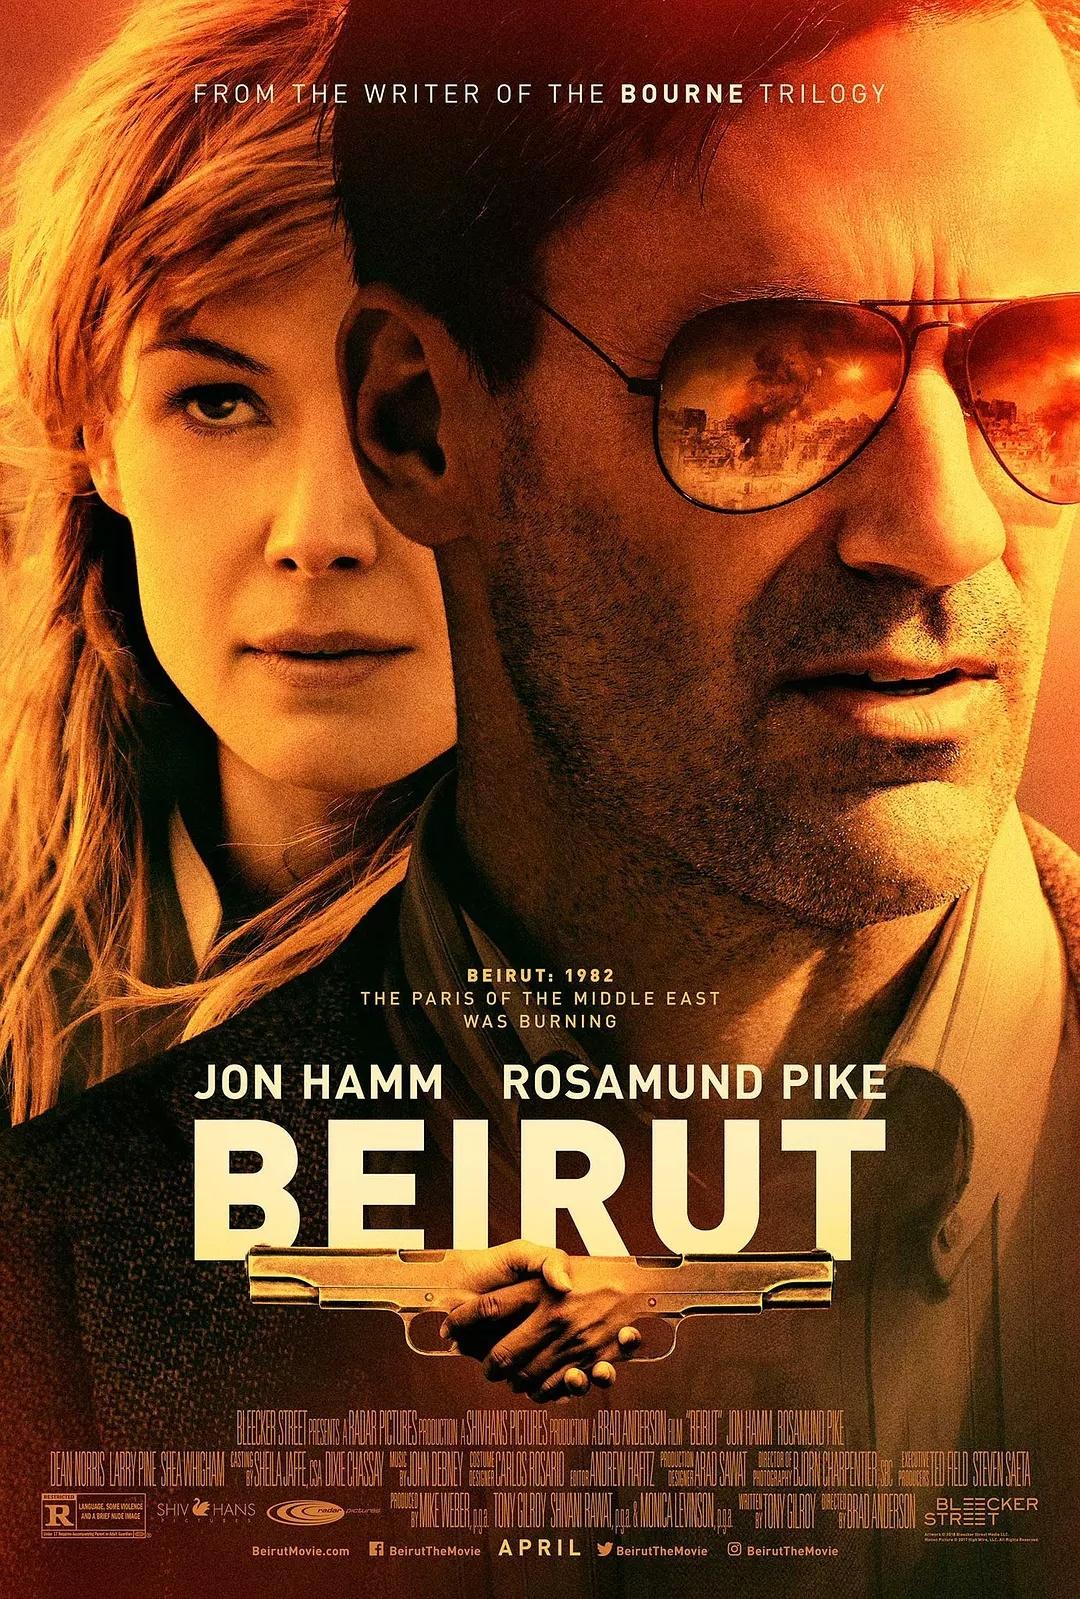 贝鲁特 [美外交官十年后在CIA的授命下重回故地搭救一位前同事]